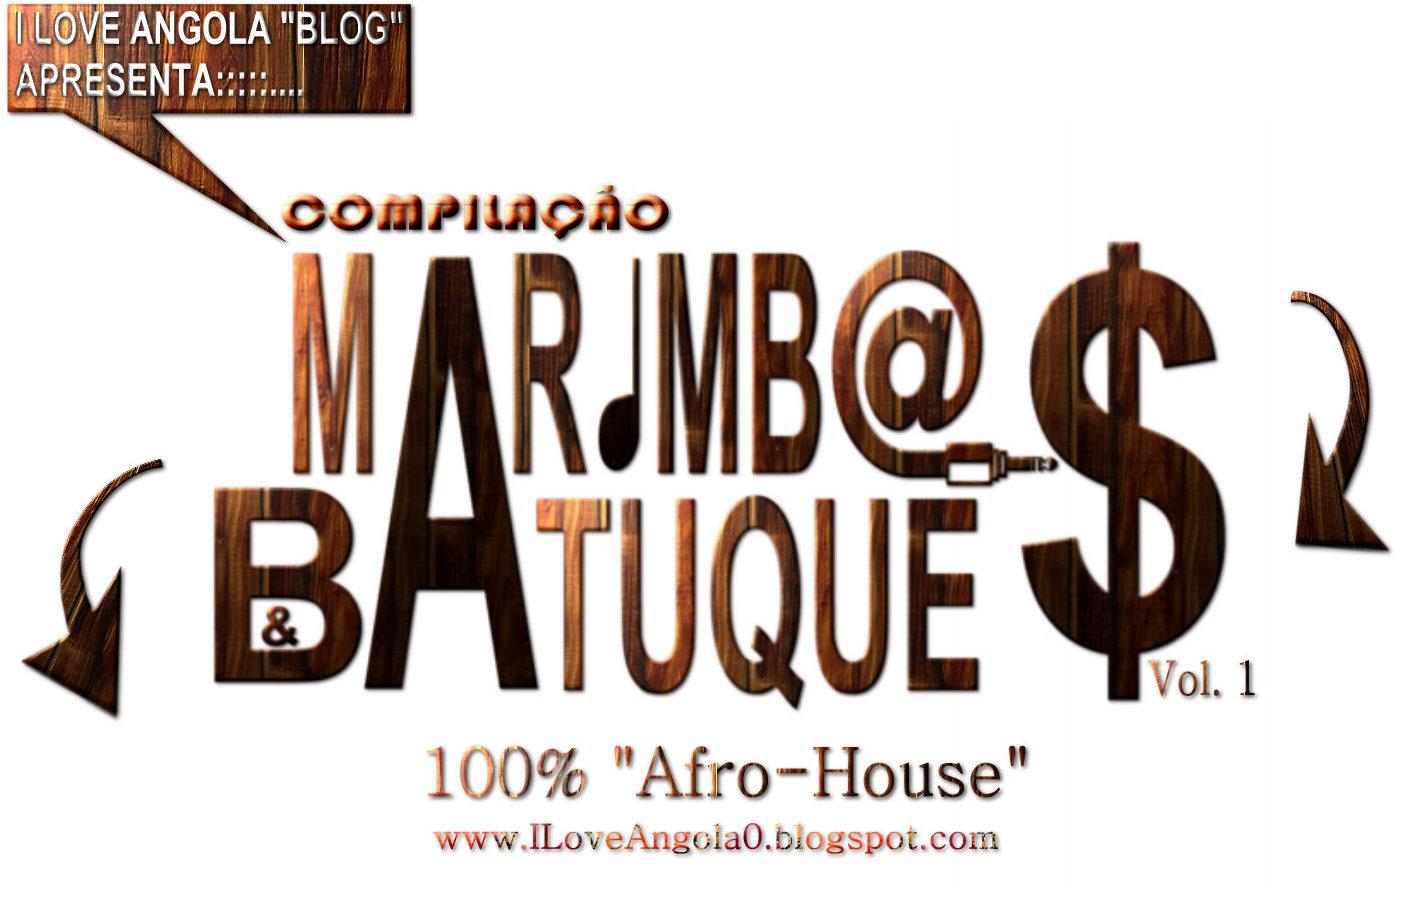 """""""Compilação Marimbas & Batuques"""" Vol. 1 (Afro's 2k15)"""